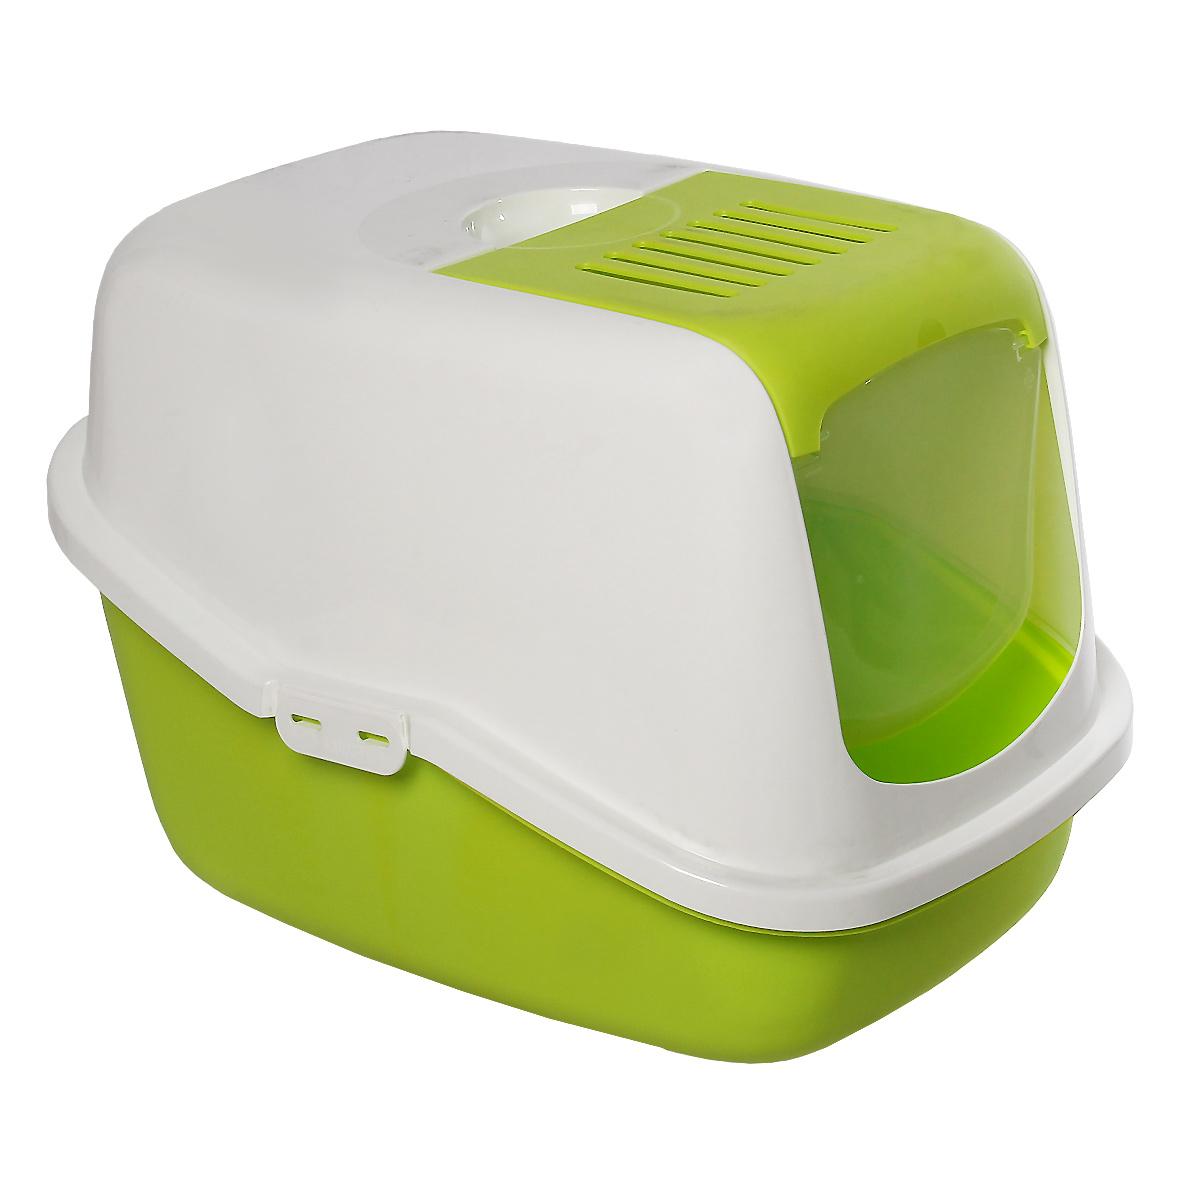 Туалет для кошек Savic Nestor, закрытый, цвет: белый, зеленый лимон, 56 см х 39 см х 38,5 см туалет для кошек curver pet life закрытый цвет кремово коричневый 51 х 39 х 40 см